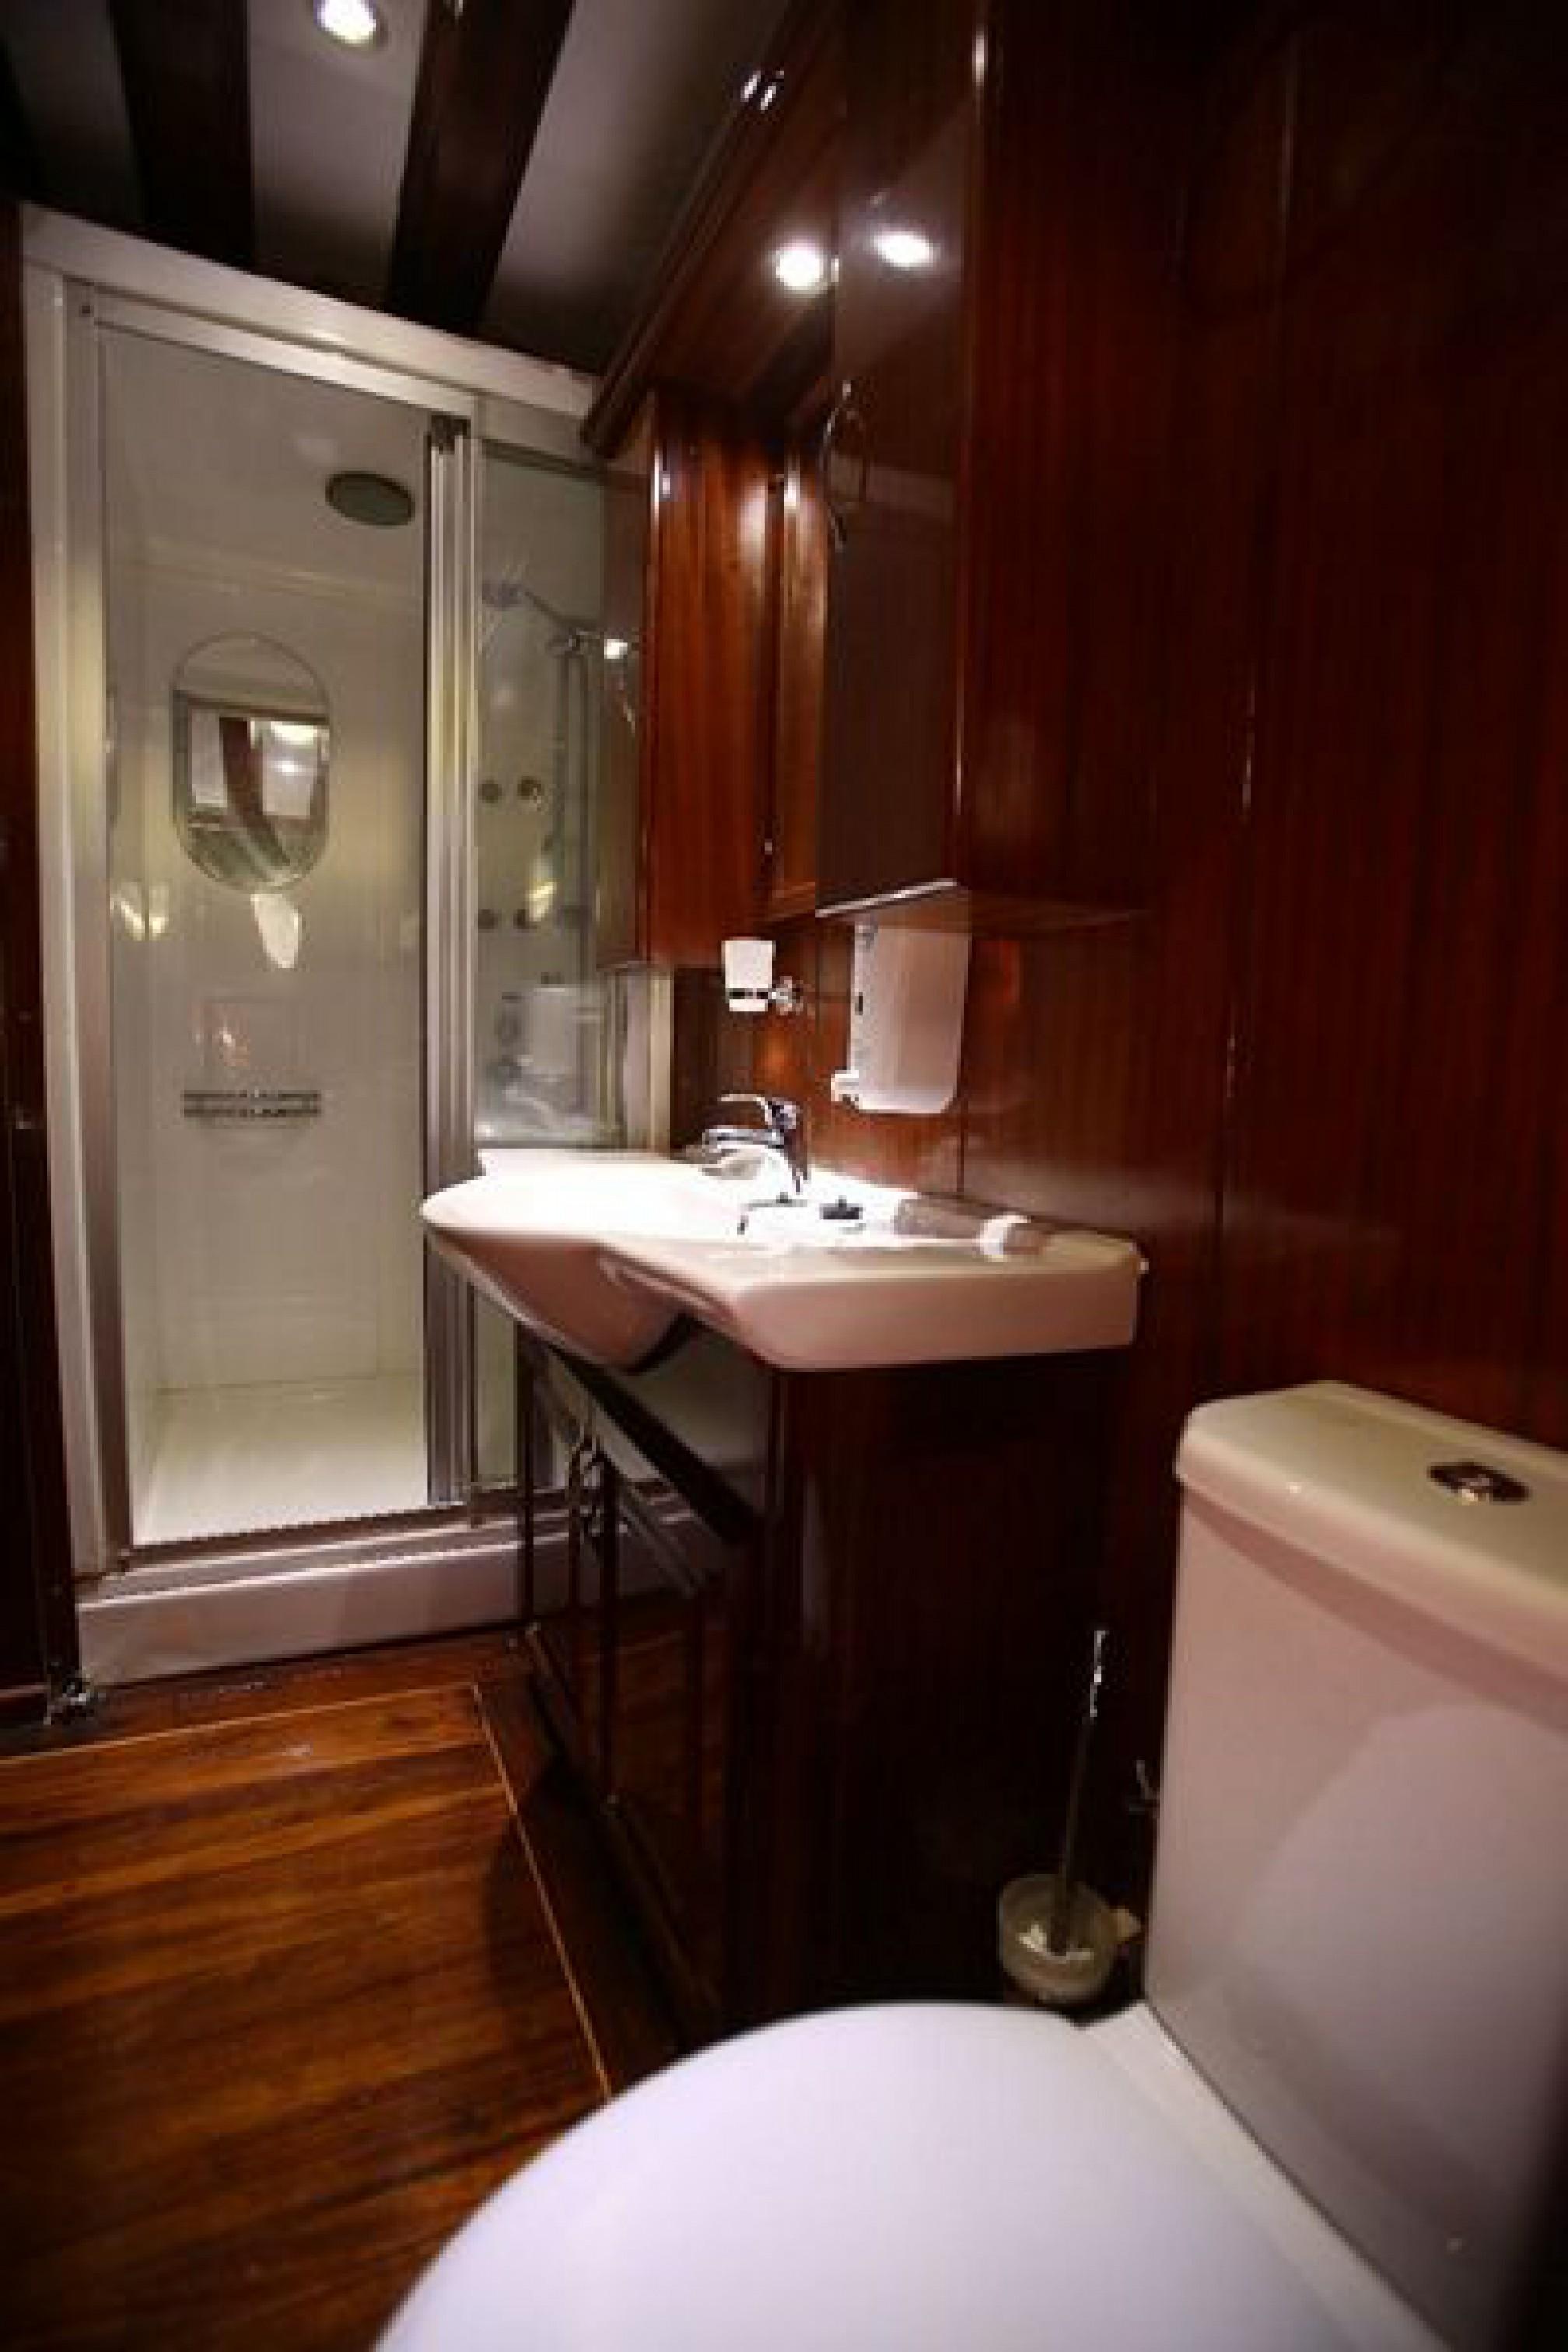 Rental gulet SEMERCIOGLU bath